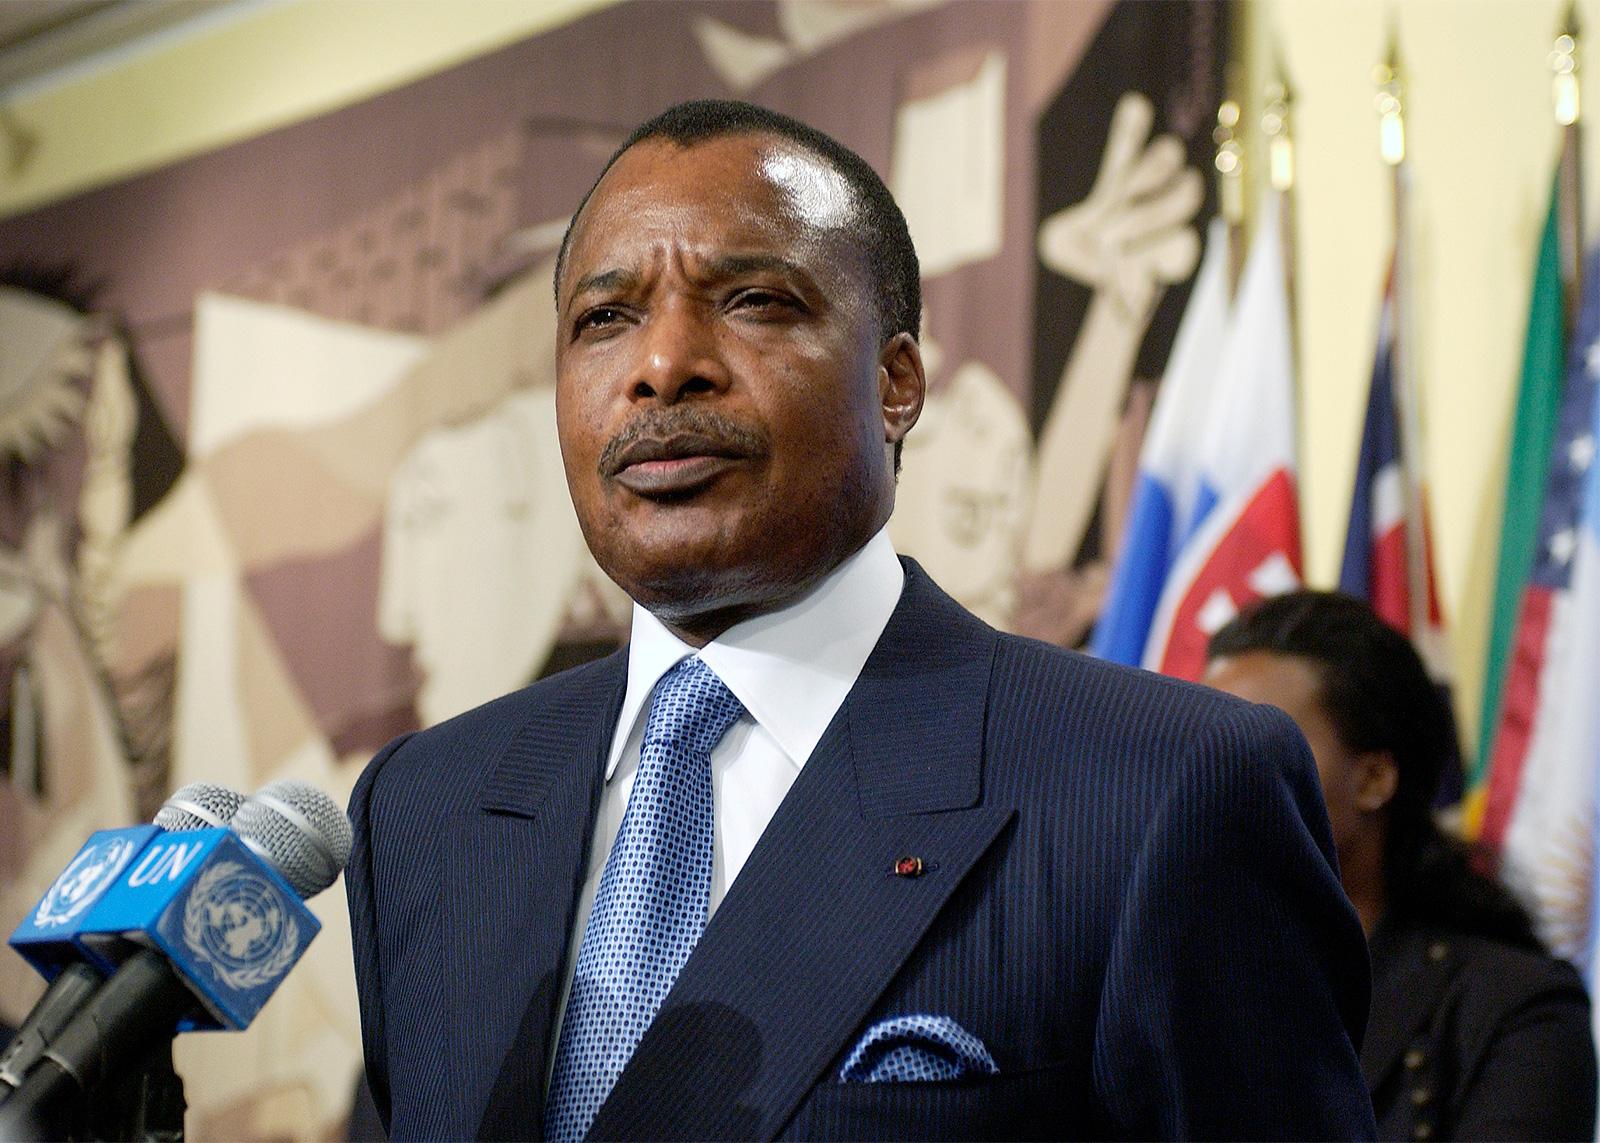 Congo Brazzaville: Sassou-Nguesso, Un Tiranno Sanguinario E Spietato